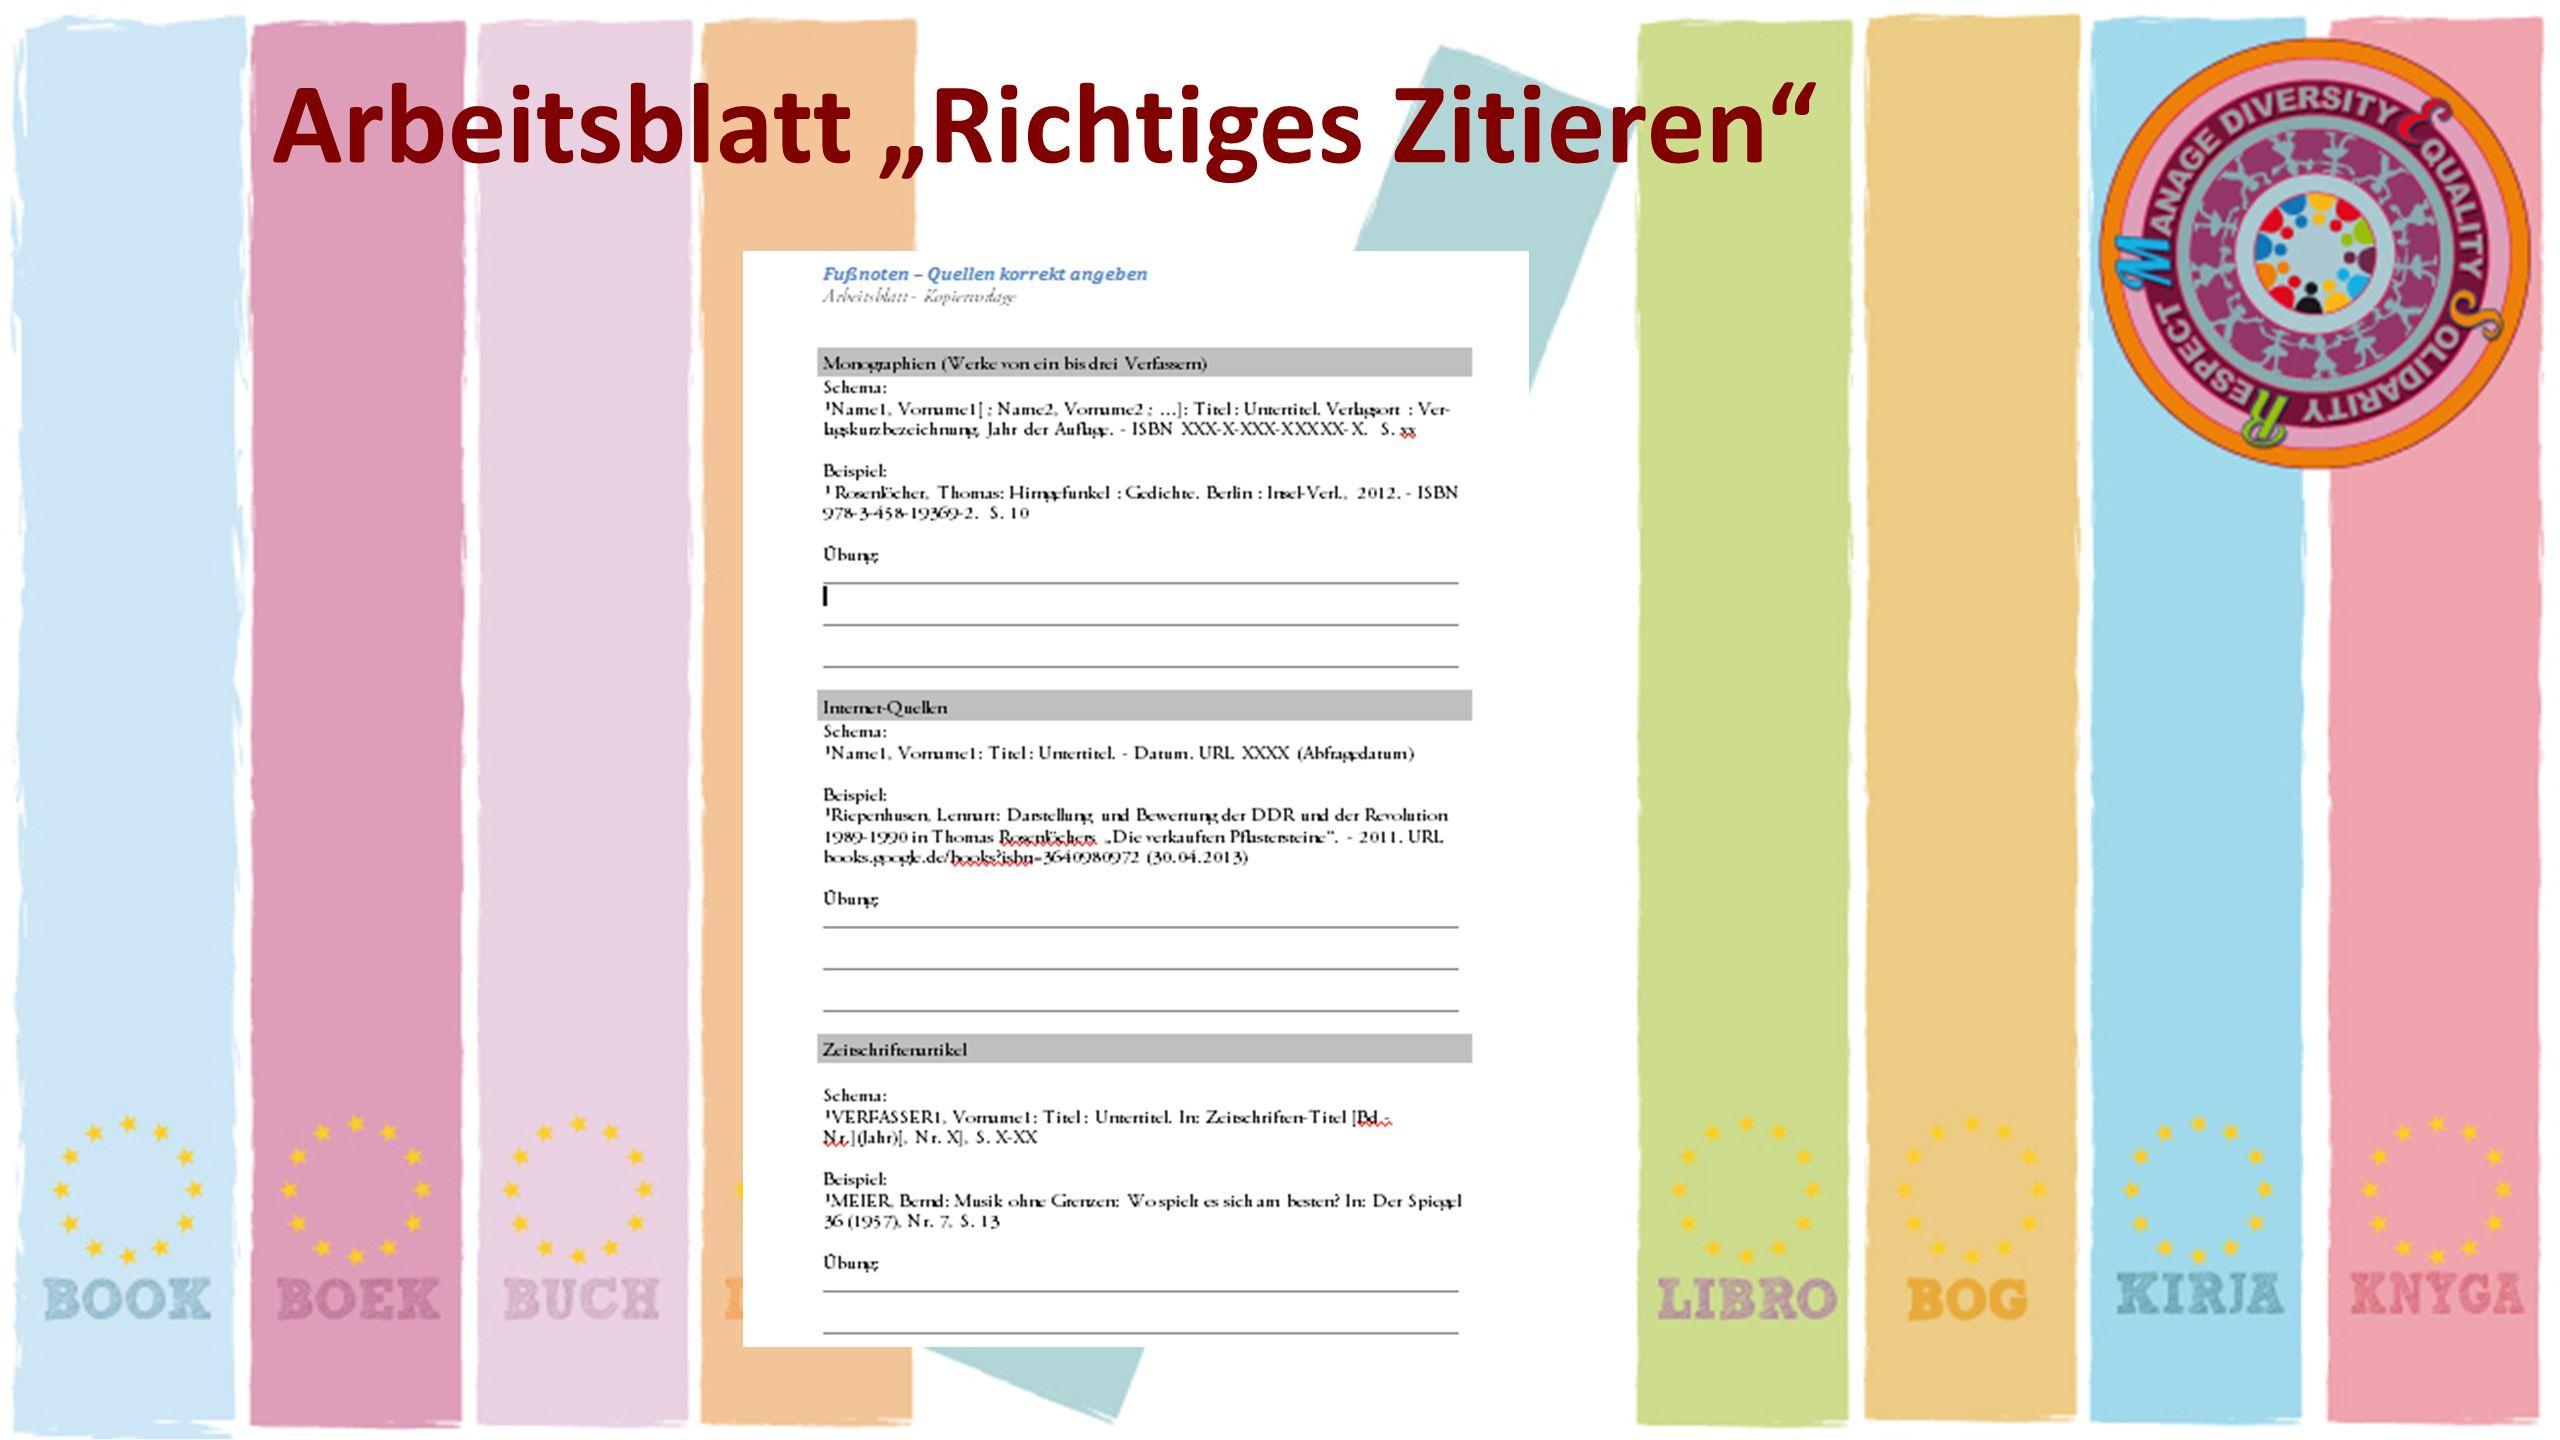 Gemütlich Wissenschaft Arbeitsblätter Für Das Jahr 4 Fotos - Super ...